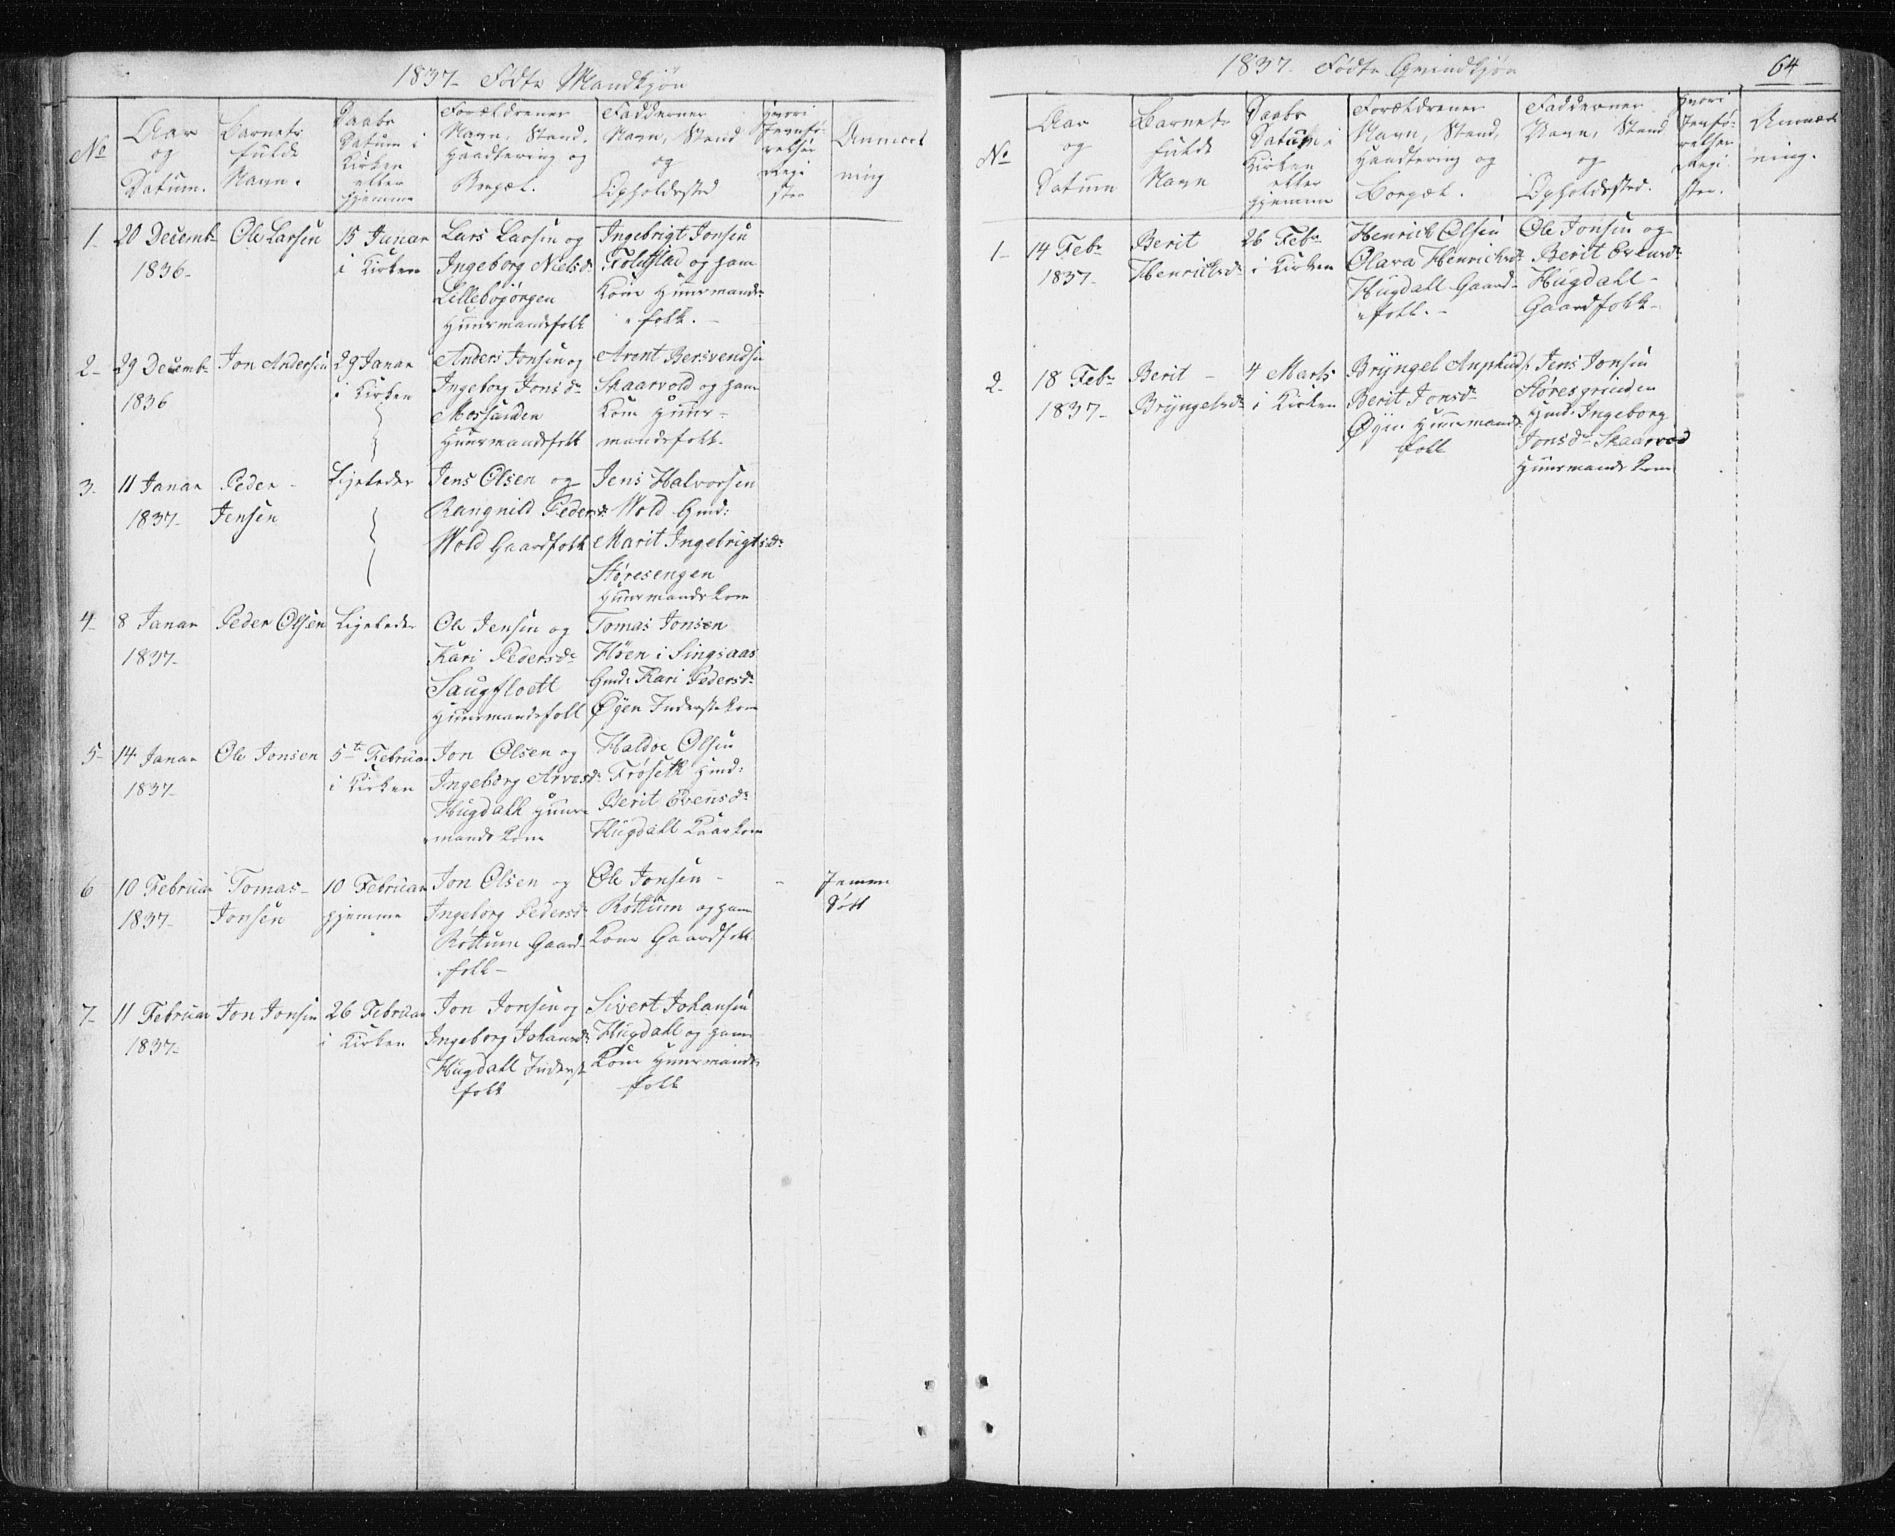 SAT, Ministerialprotokoller, klokkerbøker og fødselsregistre - Sør-Trøndelag, 687/L1017: Klokkerbok nr. 687C01, 1816-1837, s. 64